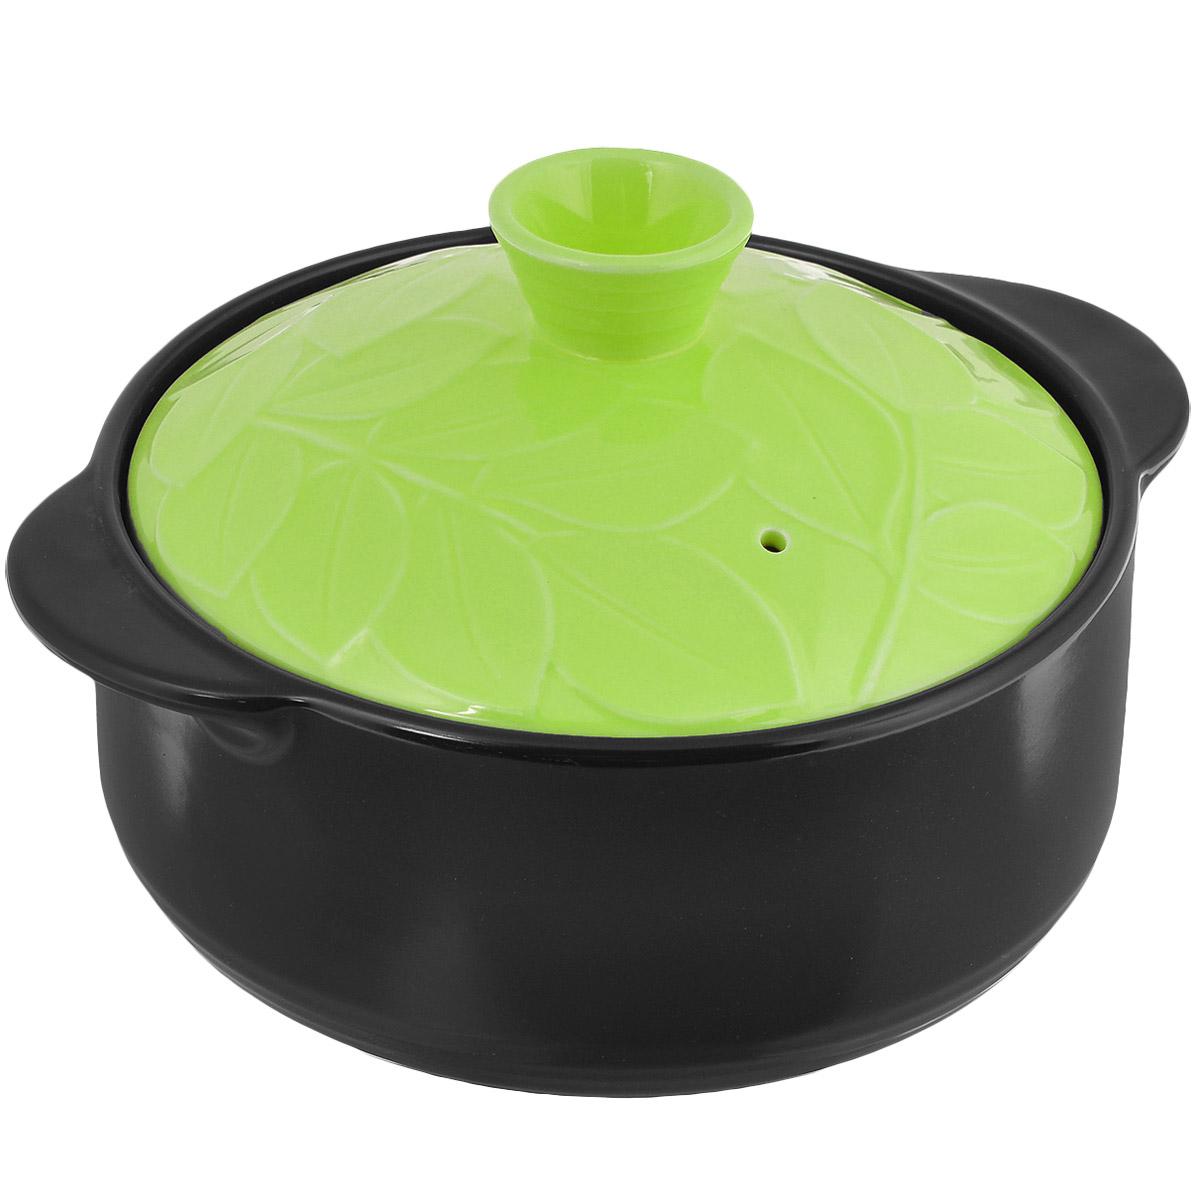 Кастрюля керамическая Hans & Gretchen с крышкой, цвет: зеленый, 1,1 л12NF-G16Кастрюля Hans & Gretchen изготовлена из экологически чистой жаропрочной керамики. Керамическая крышка кастрюли оснащена отверстием для выпуска пара. Кастрюля равномерно нагревает блюдо, долго сохраняя тепло и не выделяя абсолютно никаких примесей в пищу. Кастрюля не искажает, а даже усиливает вкус пищи. Крышка изделия оформлена рельефным изображением листьев. Превосходно служит для замораживания продуктов в холодильнике (до -20°С). Кастрюля устойчива к химическим и механическим воздействиям. Благодаря толстым стенкам изделие нагревается равномерно.Кастрюля Hans & Gretchen прекрасно подойдет для запекания и тушения овощей, мяса и других блюд, а оригинальный дизайн и яркое оформление украсят ваш стол.Можно мыть в посудомоечной машине. Кастрюля предназначена для использования на газовой и электрической плитах, в духовке и микроволновой печи. Не подходит для индукционных плит. Высота стенки: 7,5 см.Ширина кастрюли (с учетом ручек): 21 см.Толщина дна: 5 мм.Толщина стенки: 5 мм.